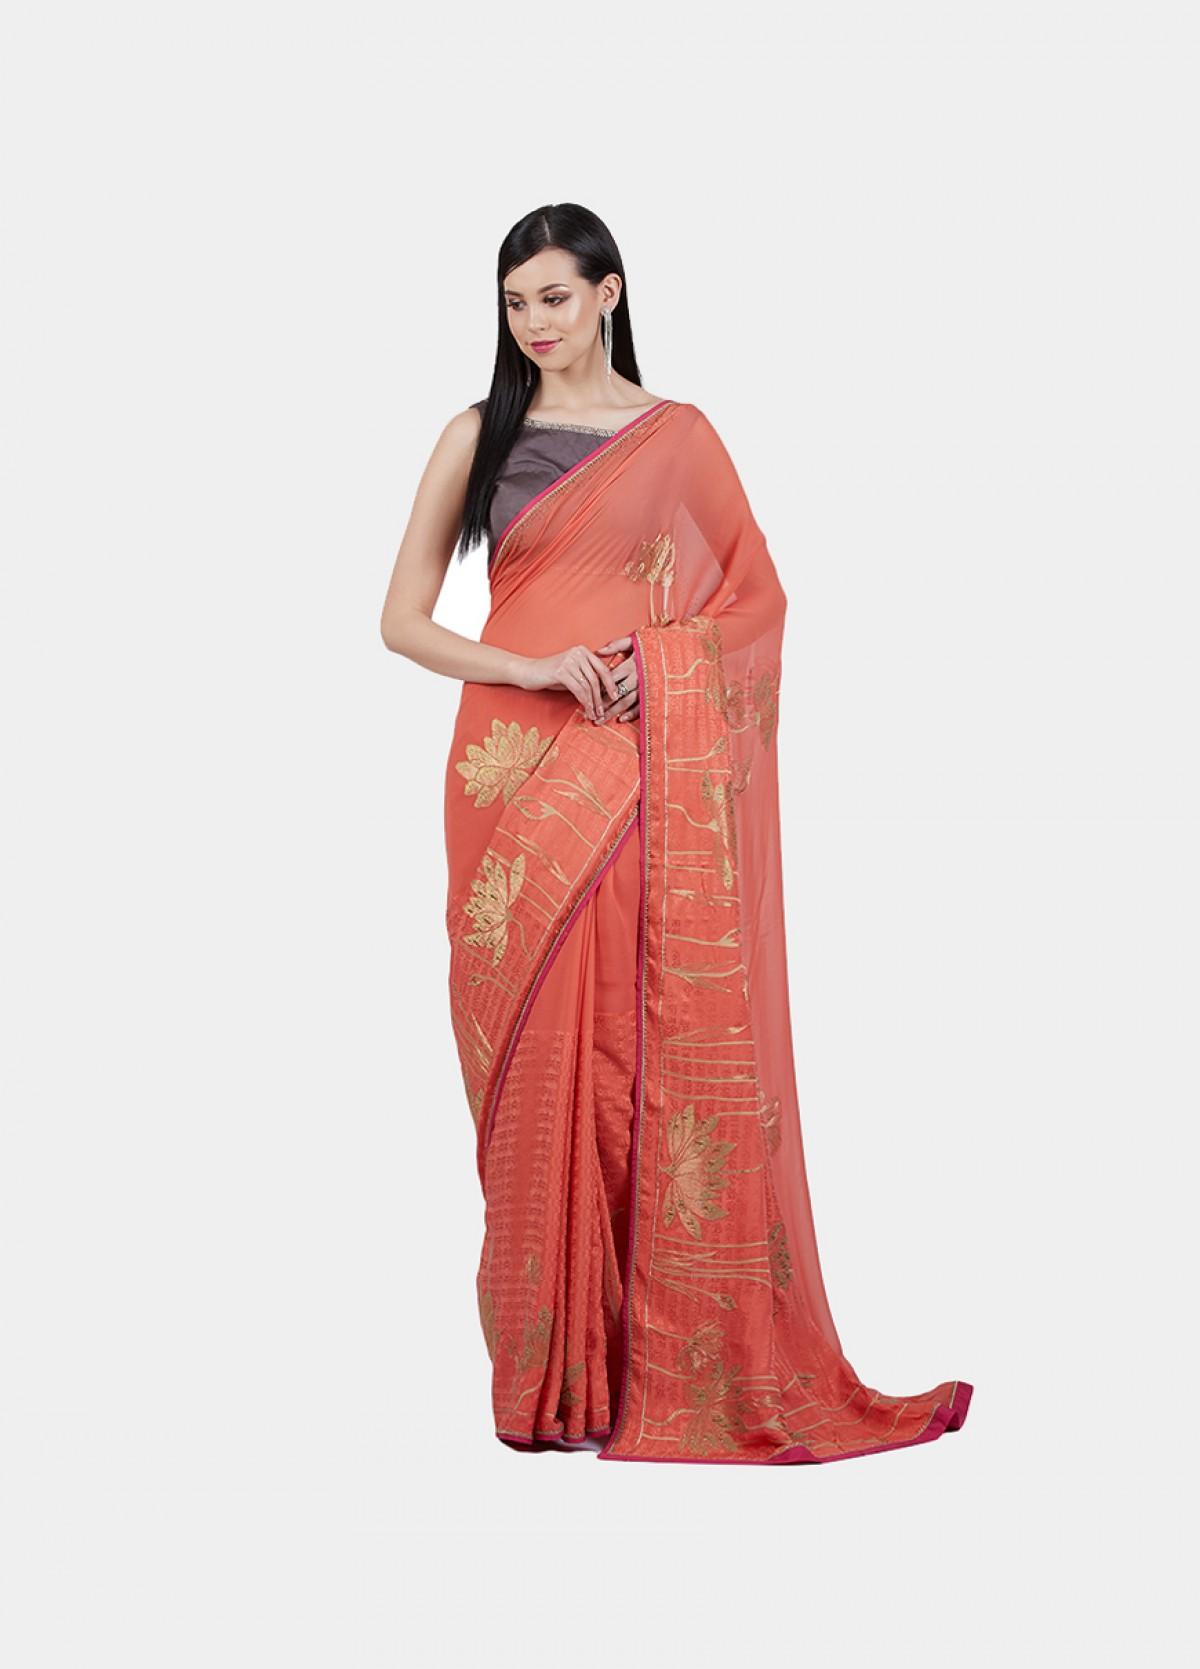 The Lotus Sutra Sari